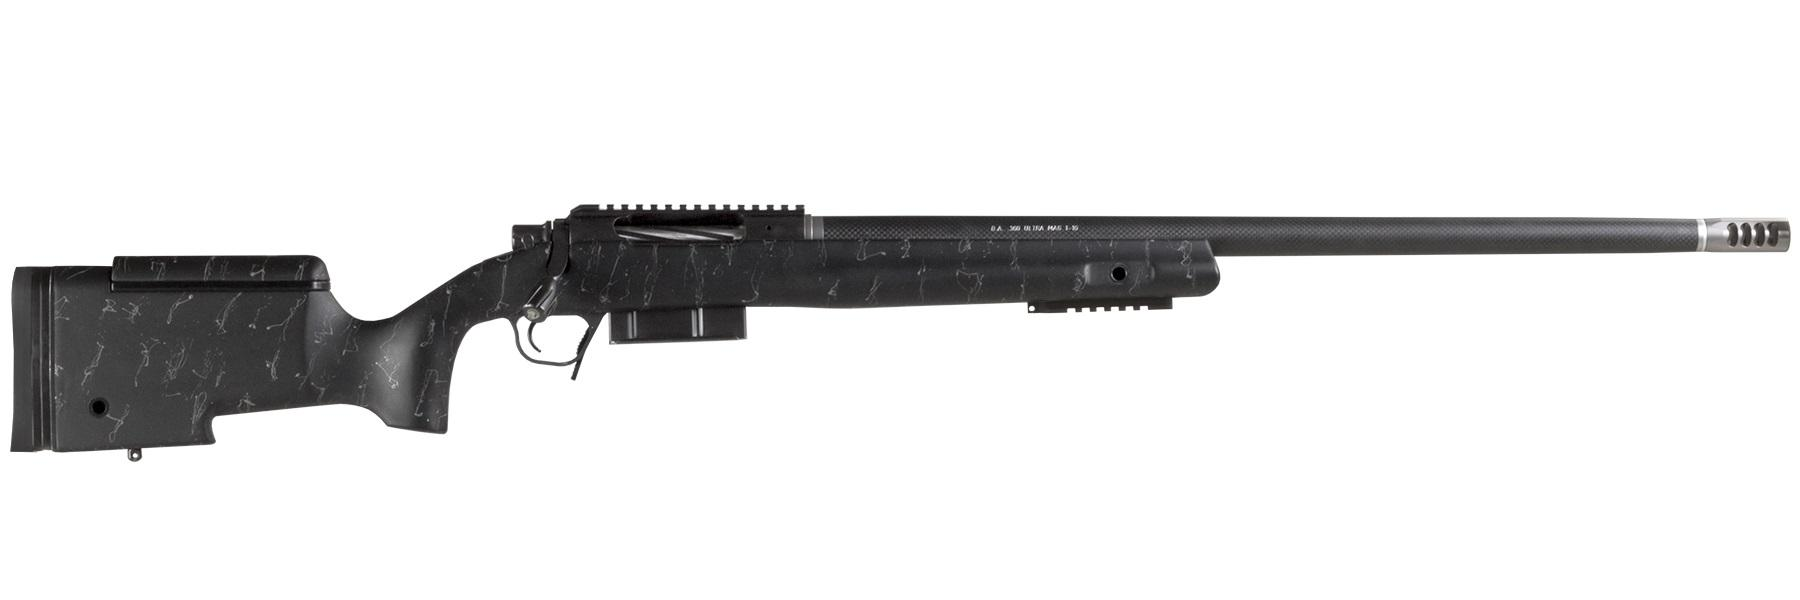 BA TAC 6.5PRC BLK/GRY 26 TB - 801-04001-00